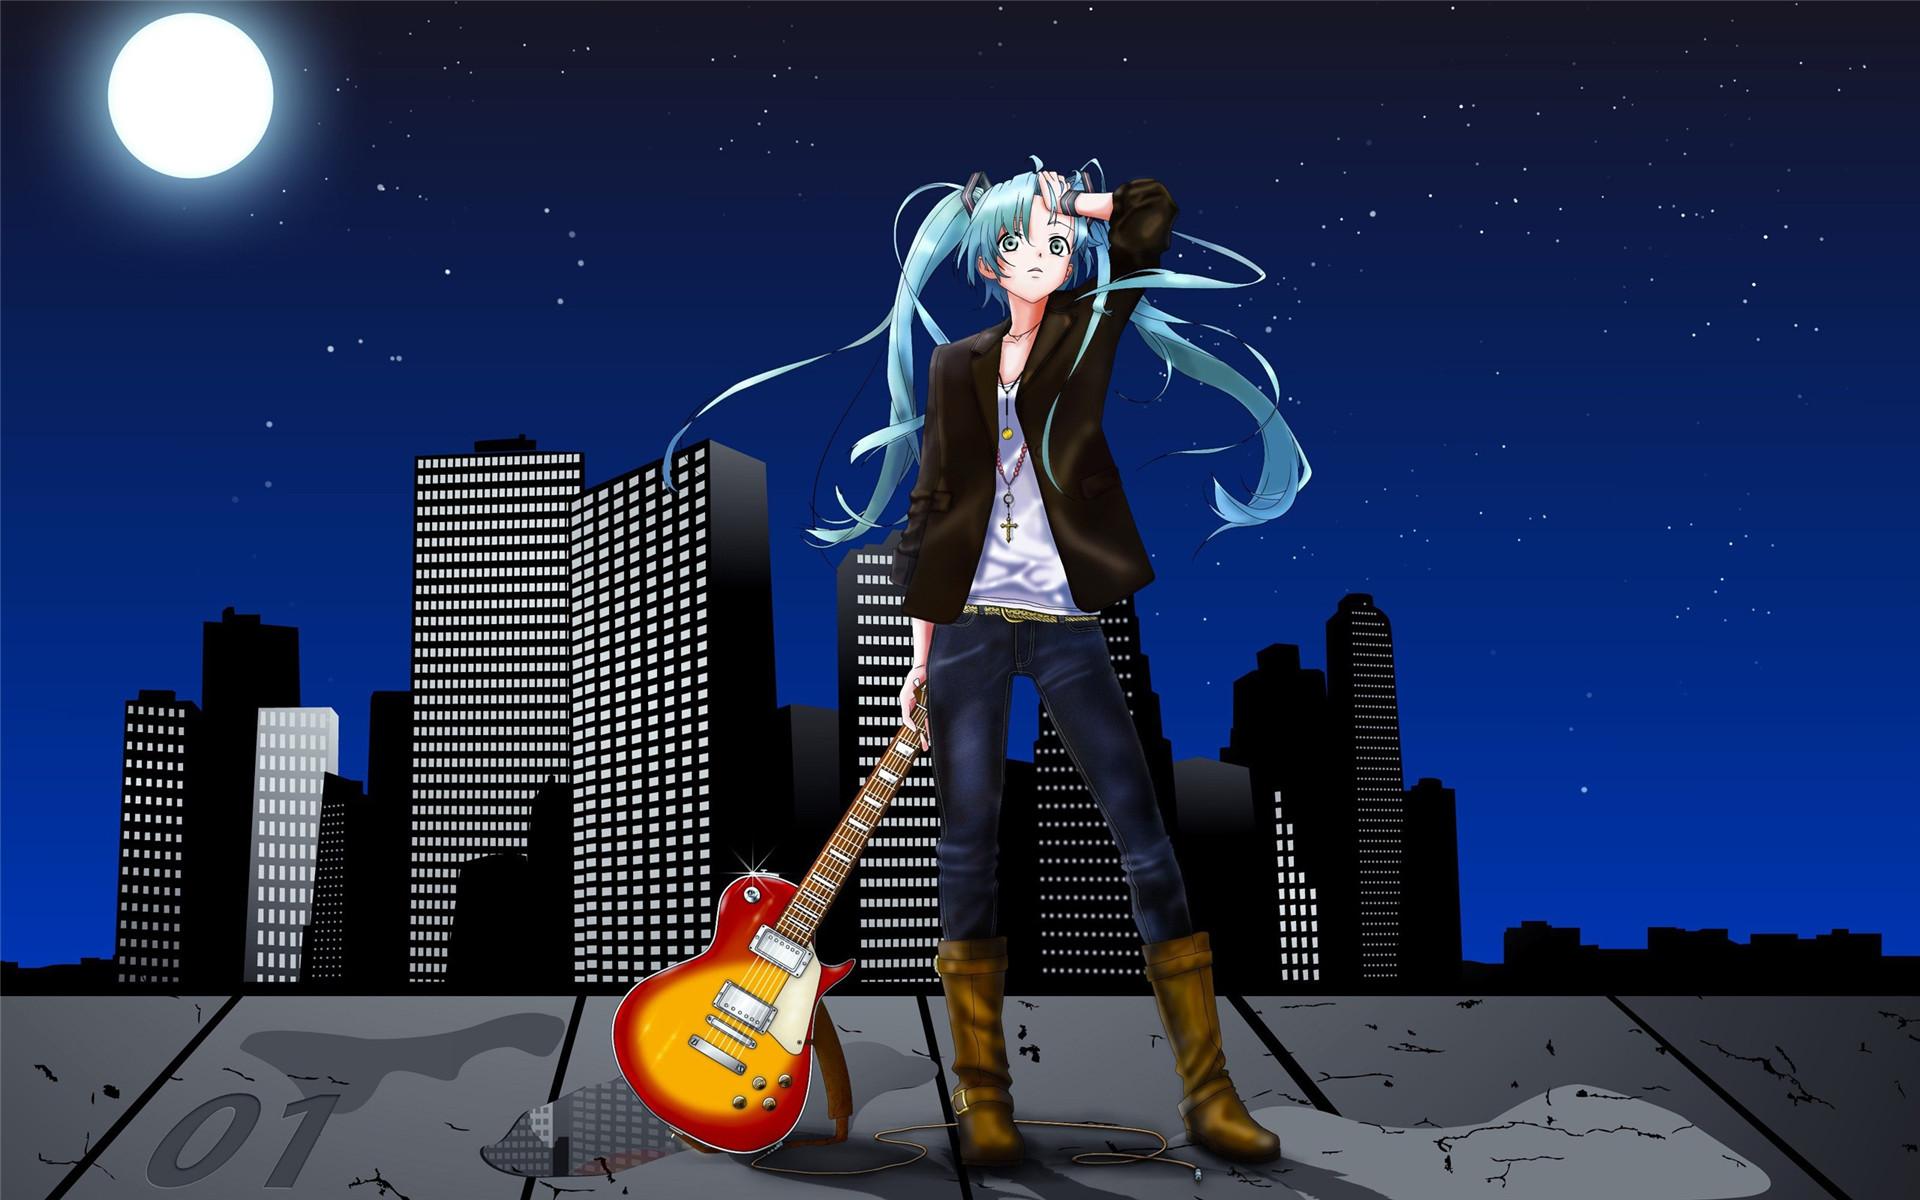 可爱的动漫吉他美女卡通少女图片桌面壁纸高清下载